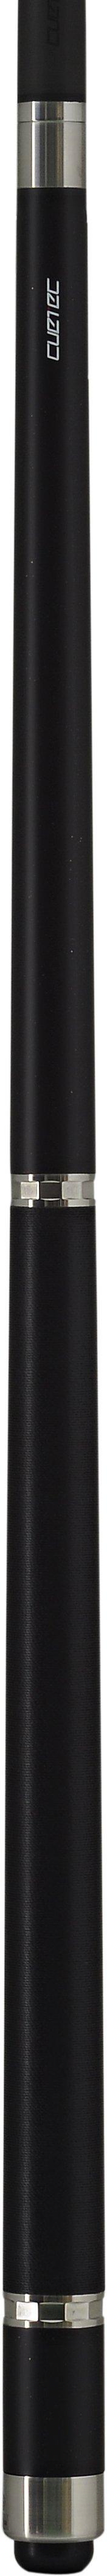 Cynergy BLACK SPARKLE 95-130